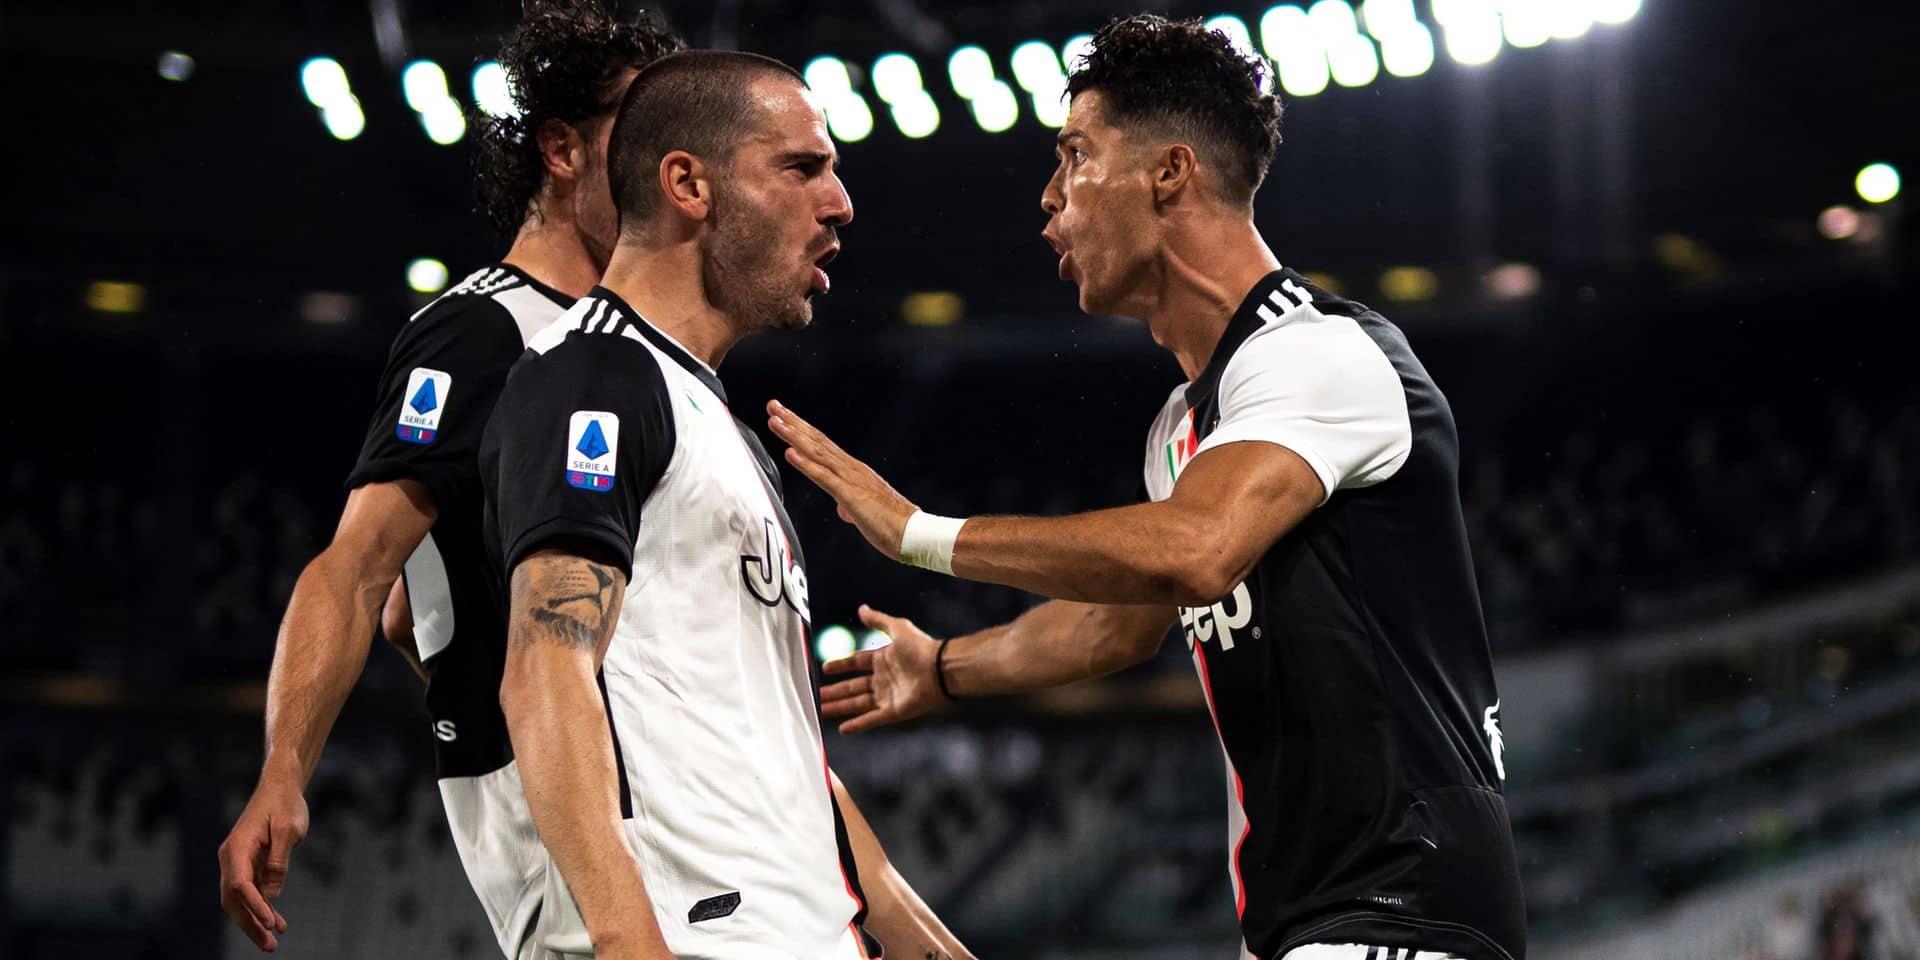 Enfin la semaine du sacre pour la Juventus